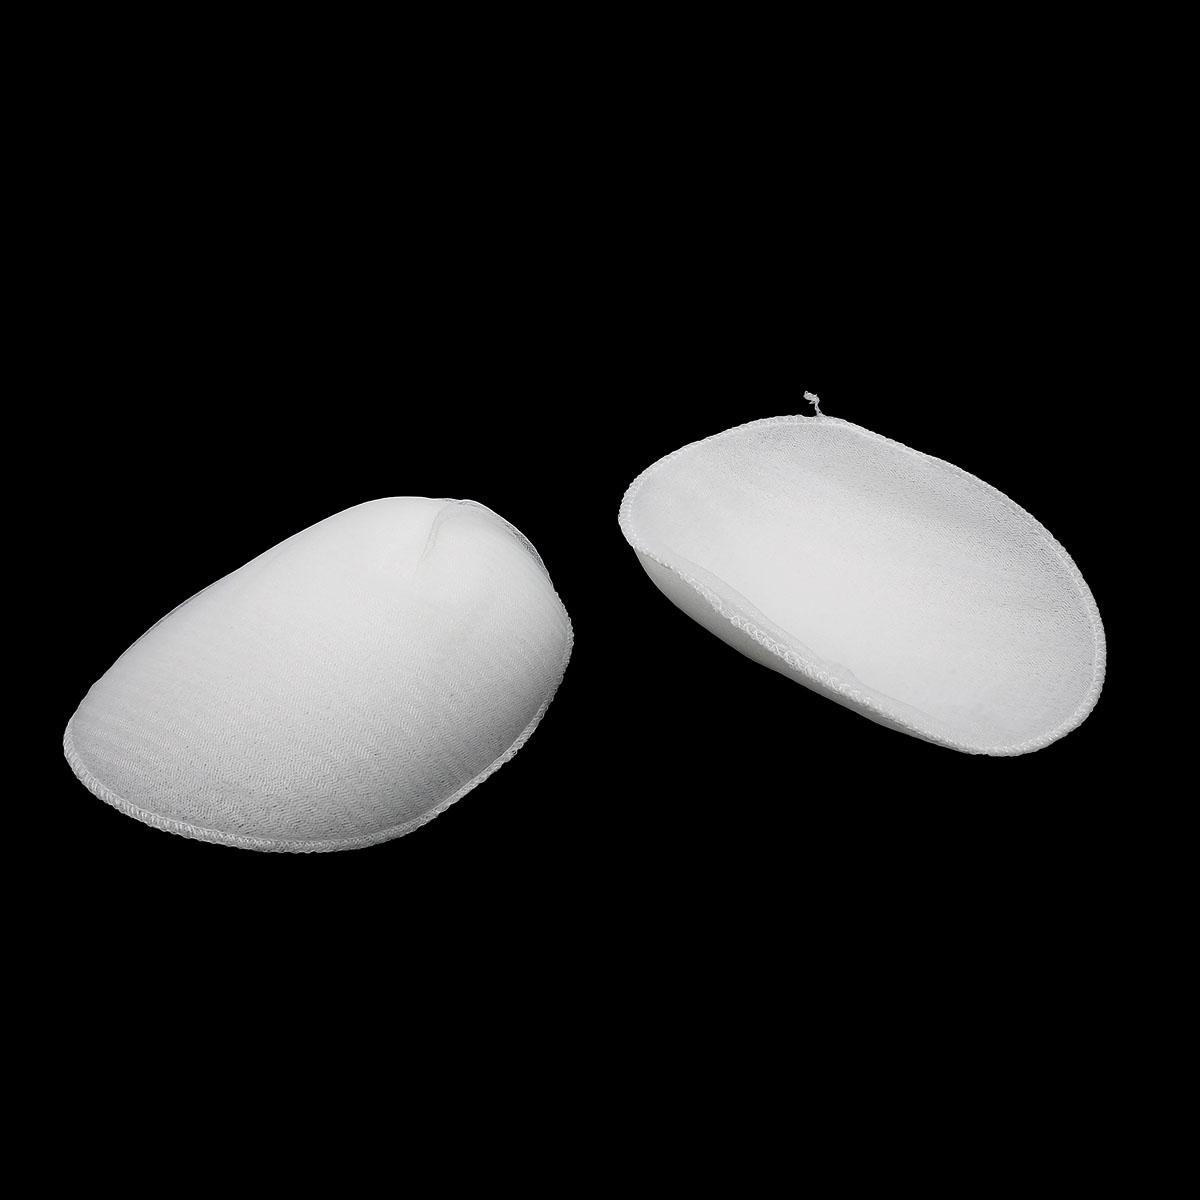 Р-15/А Плечевые накладки реглан обшитые, 15*165*110мм Hobby&Pro